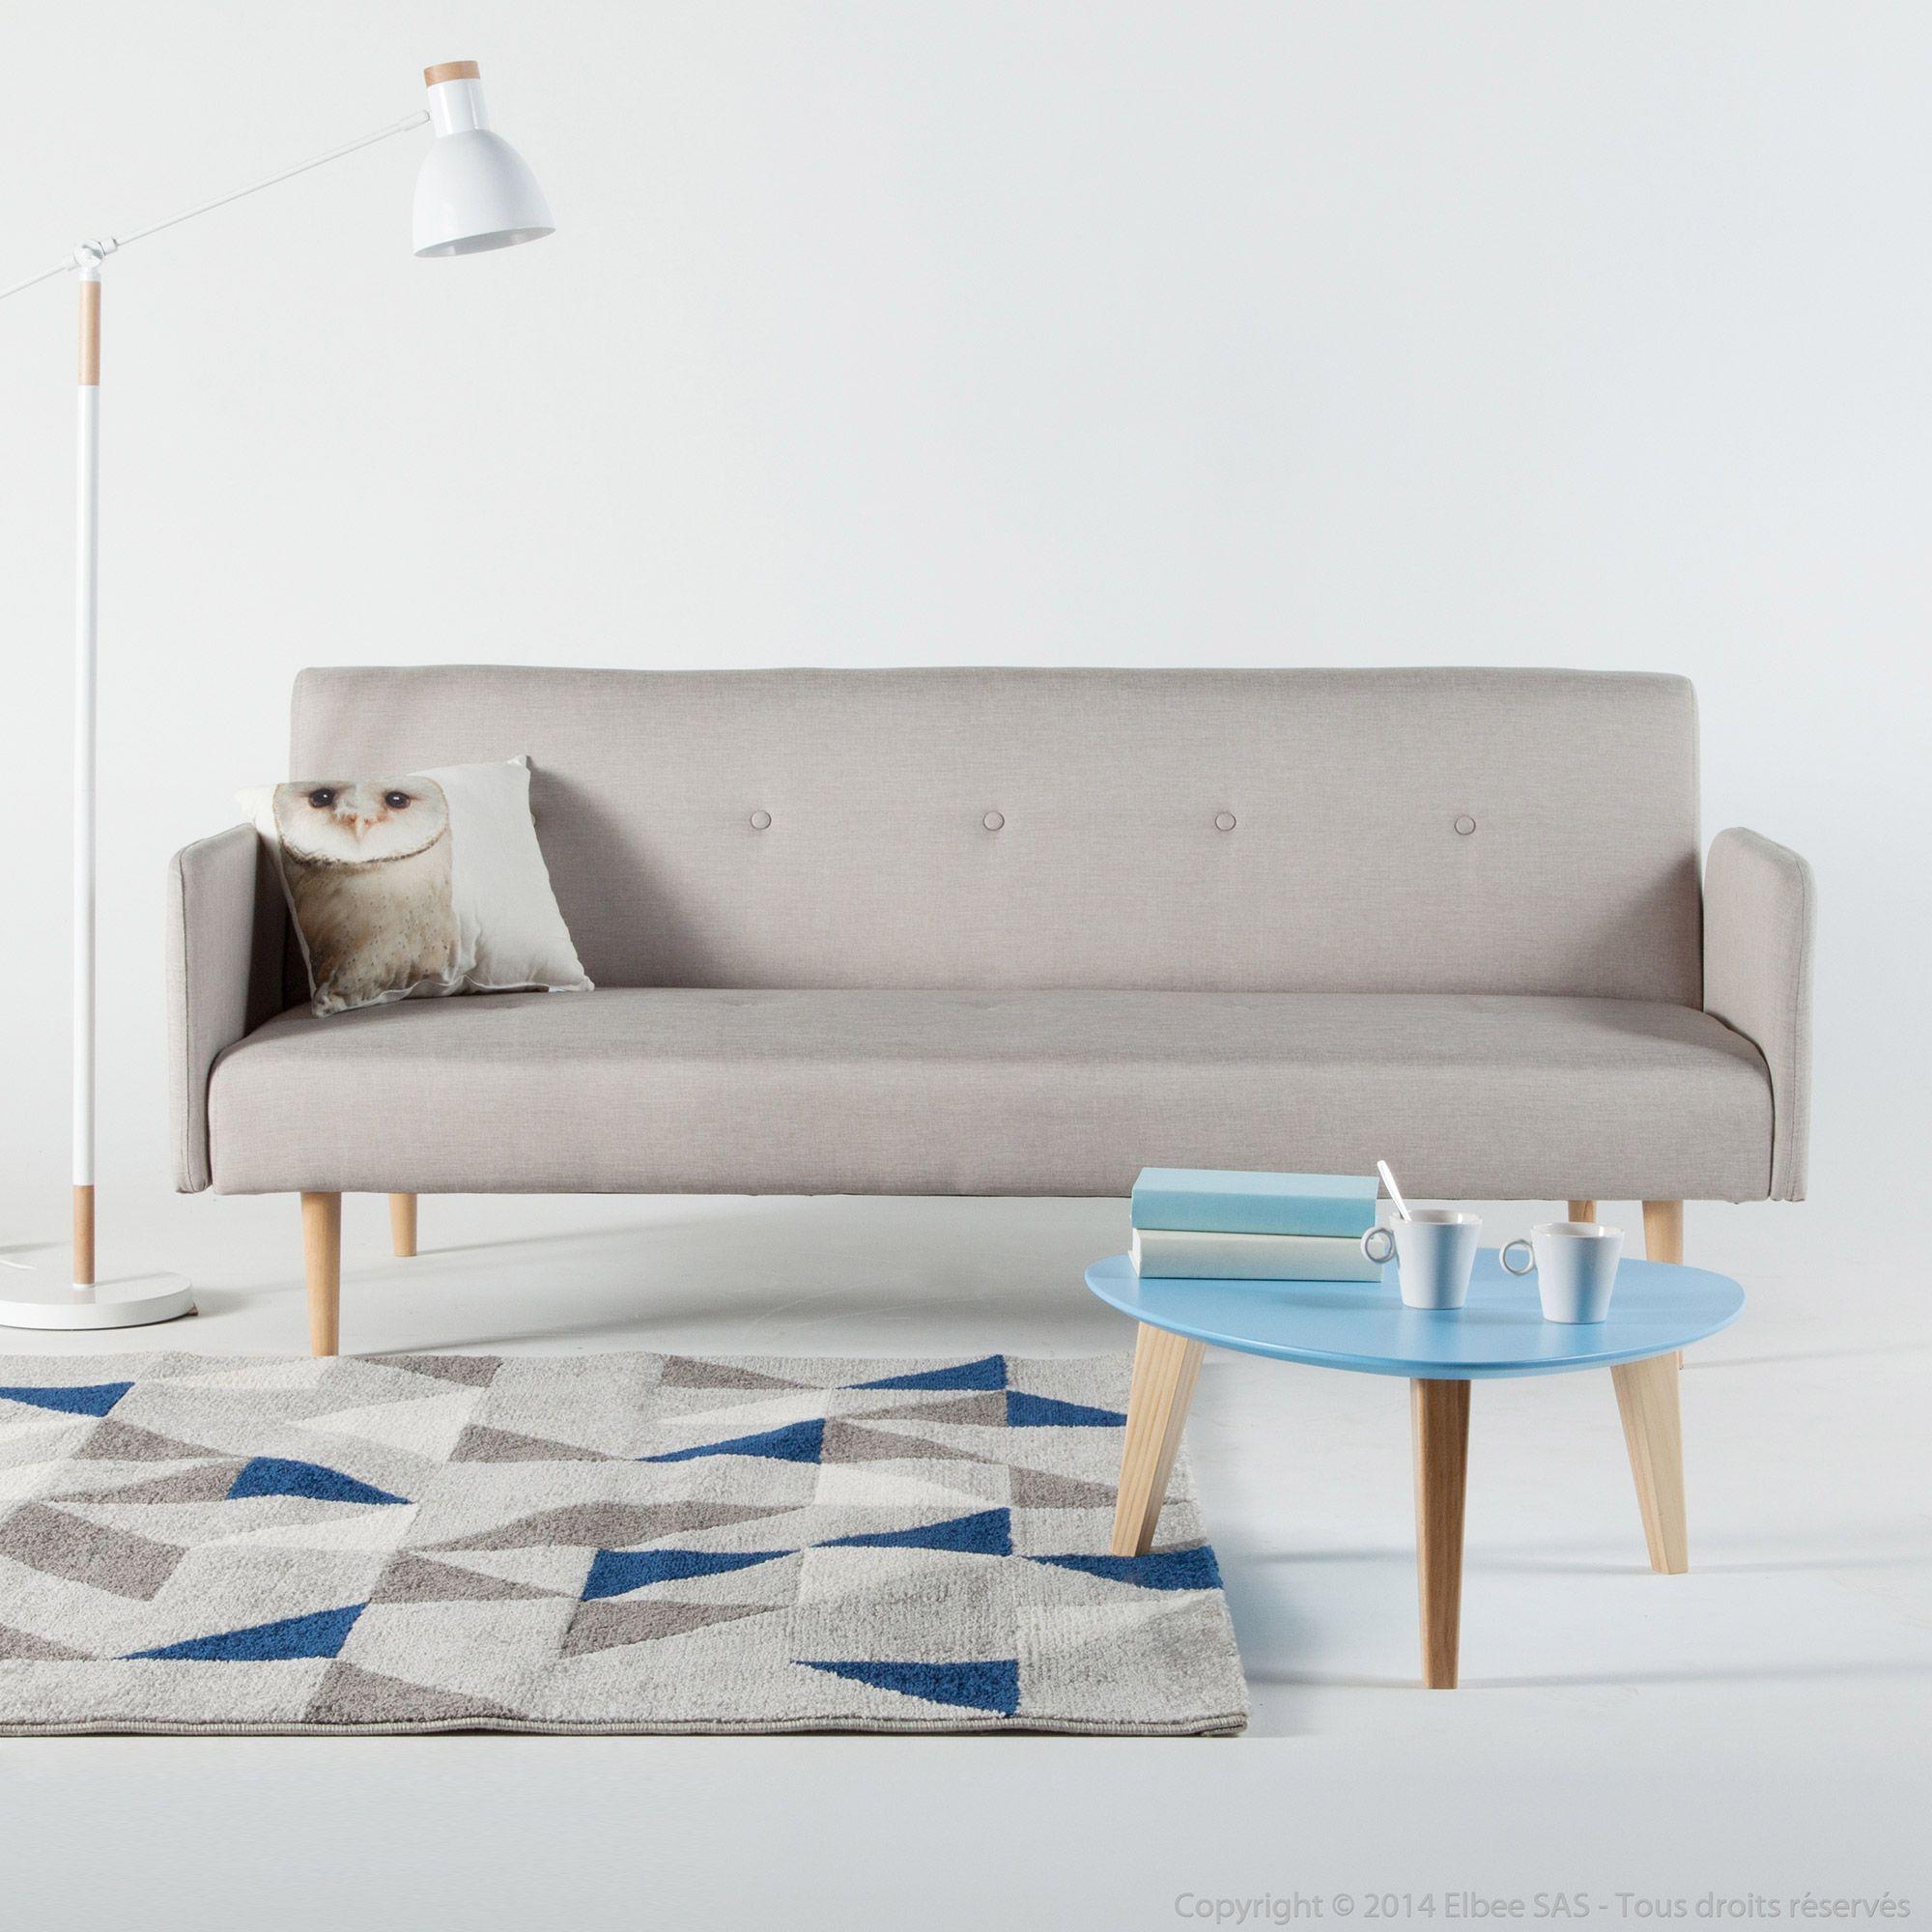 Canapé clic clac tissu 2 places pieds bois design LAURETTA